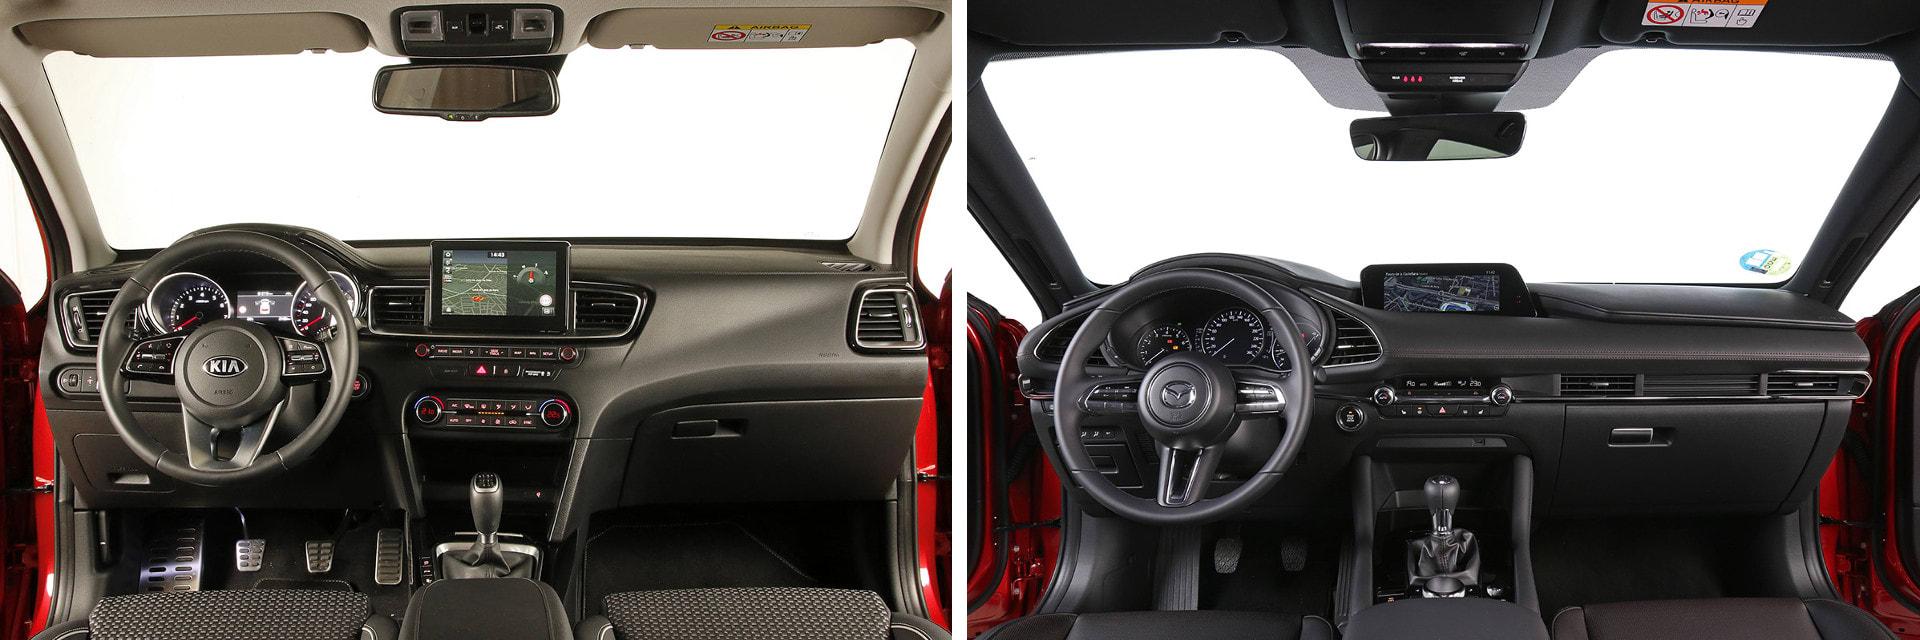 Los materiales del interior, tanto del Ceed (izq.) como del Mazda3 (dcha.), dan sensación de buena calidad y de tener un ajuste sólido.